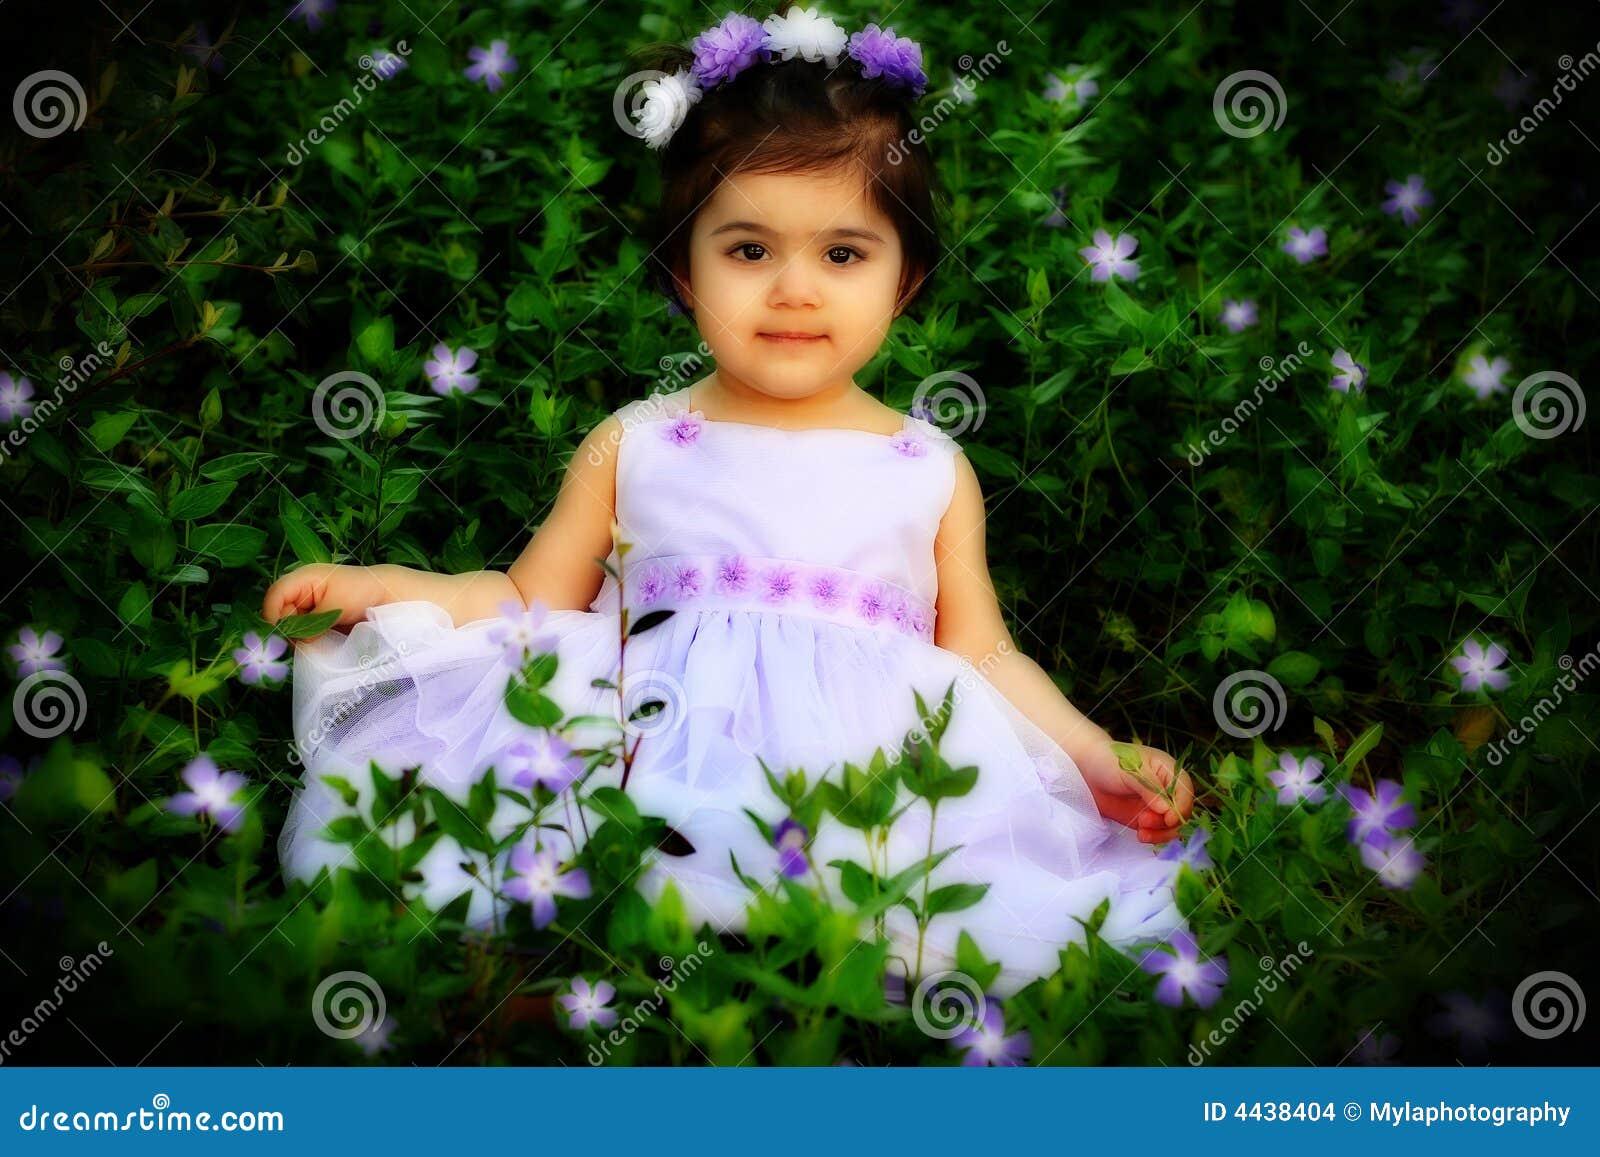 Flower Princess Stock Image